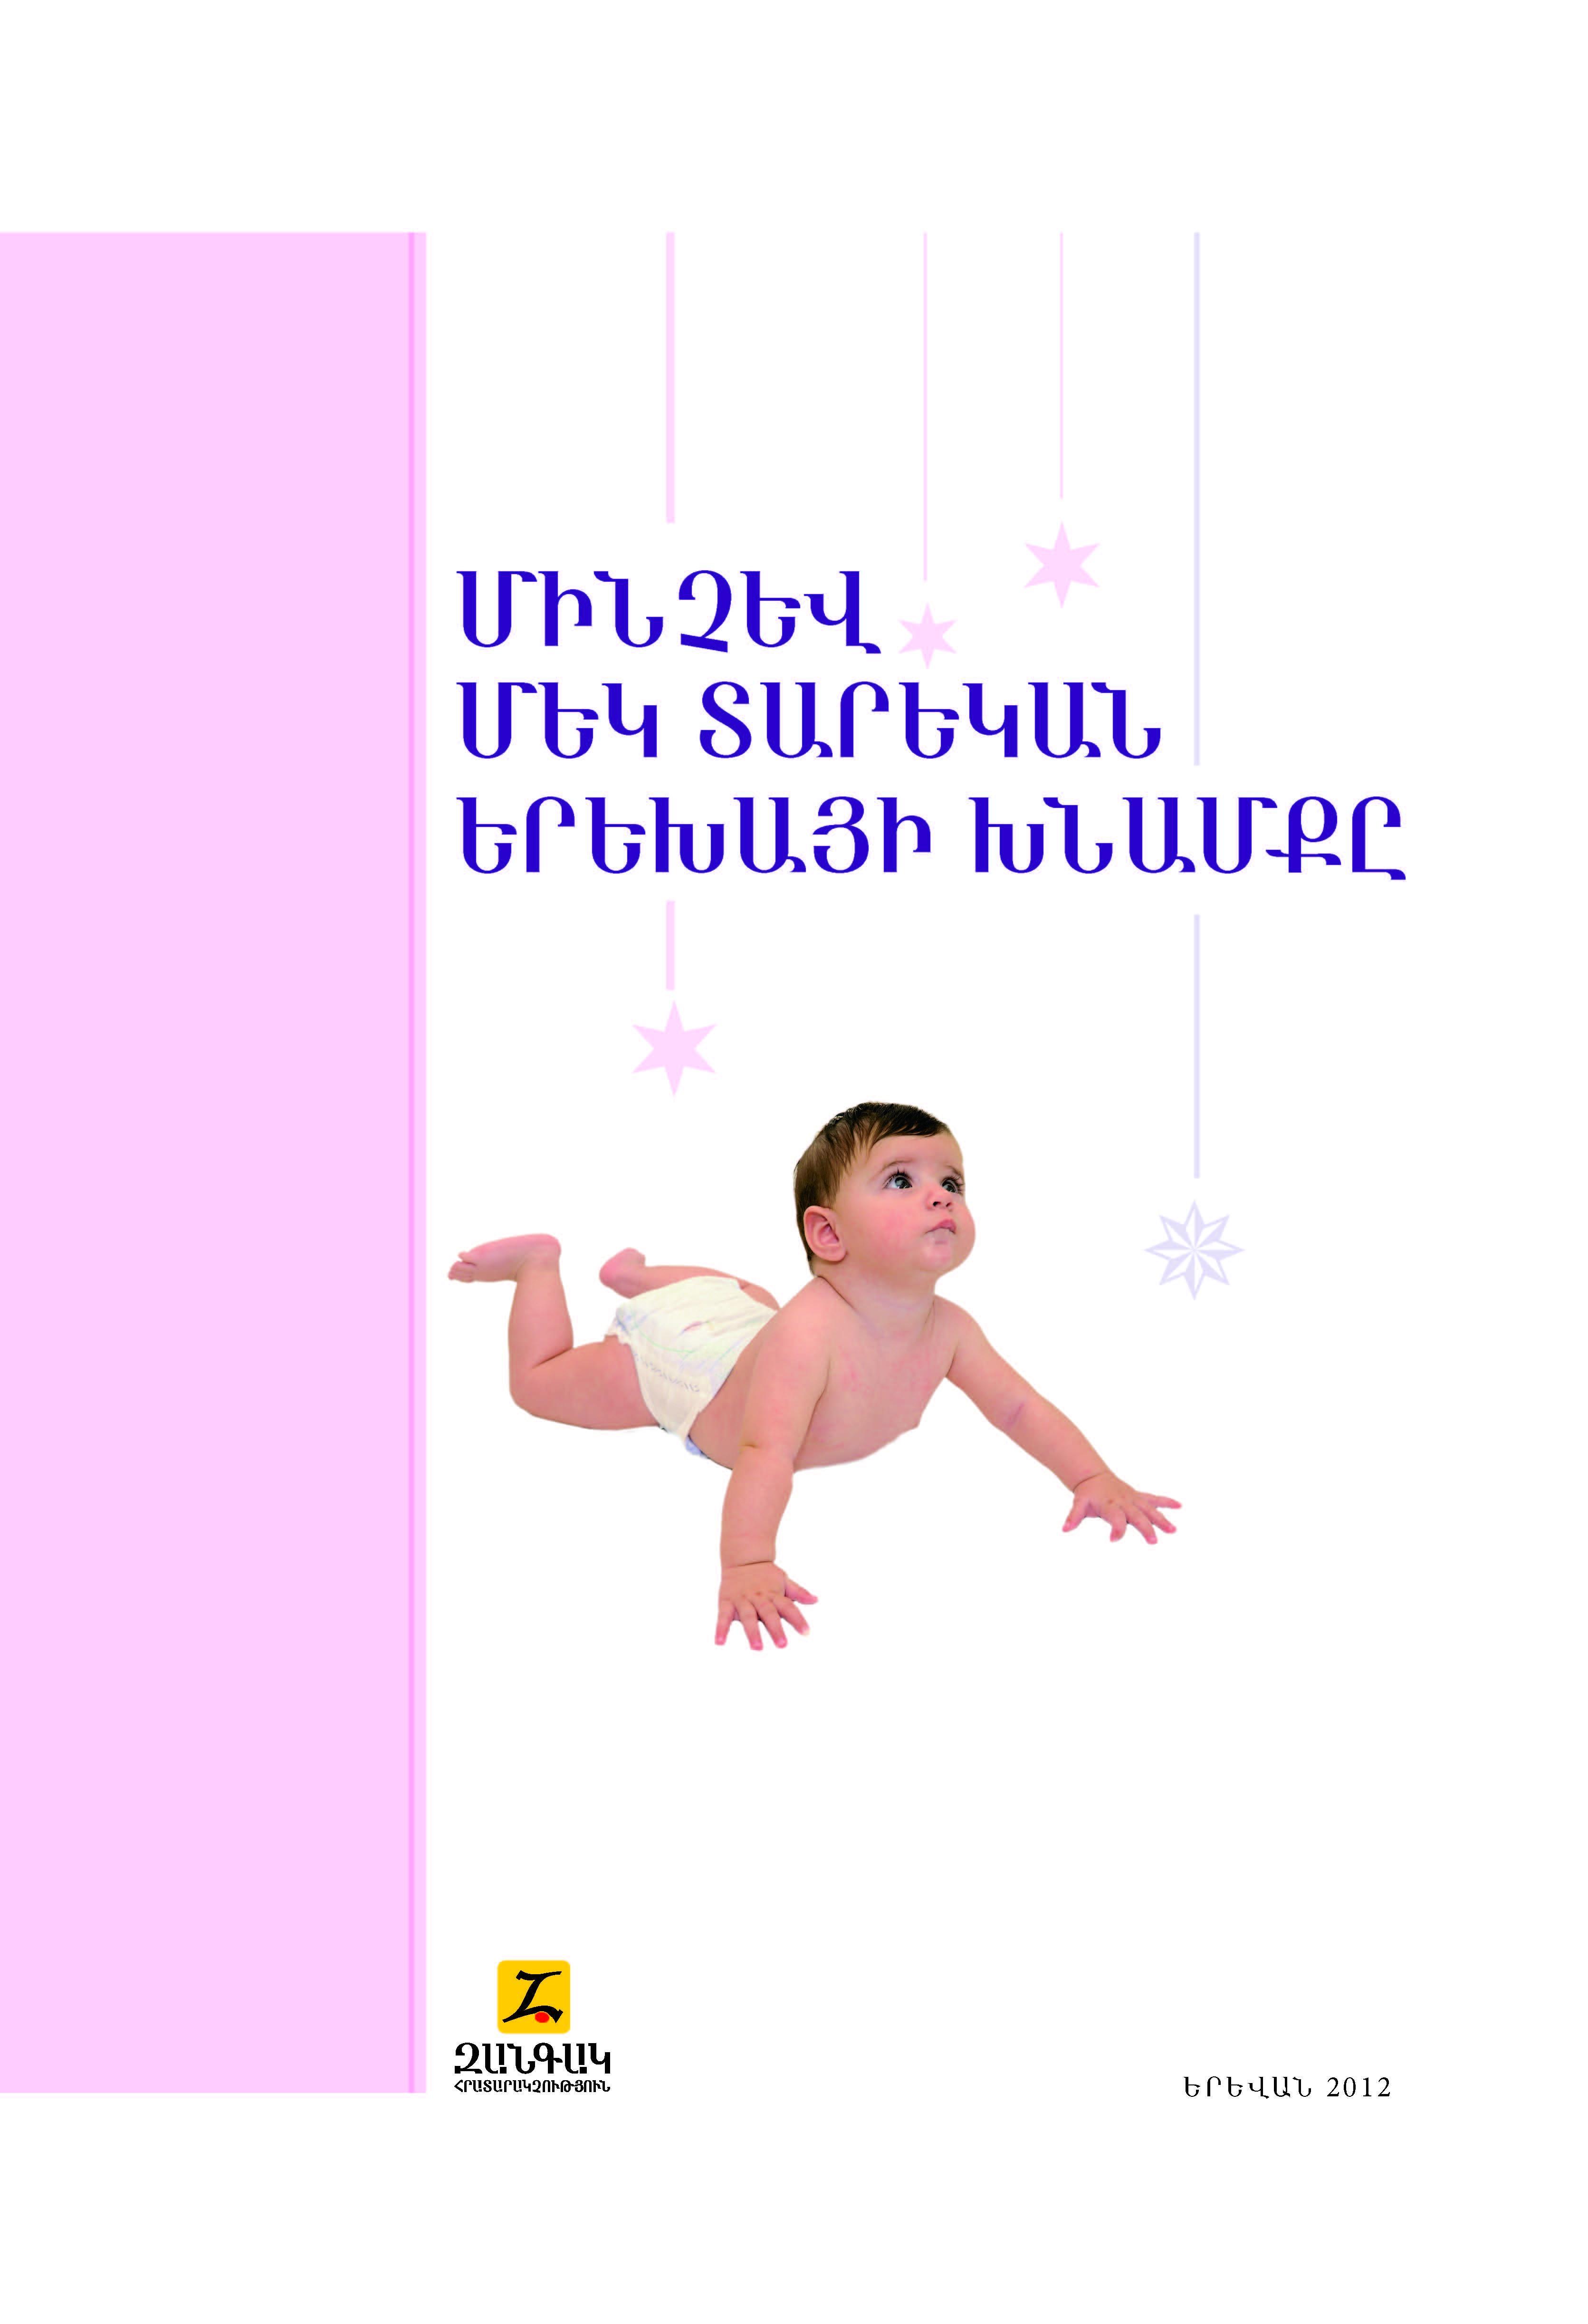 Մինչև մեկ տարեկան երեխայի խնամքը